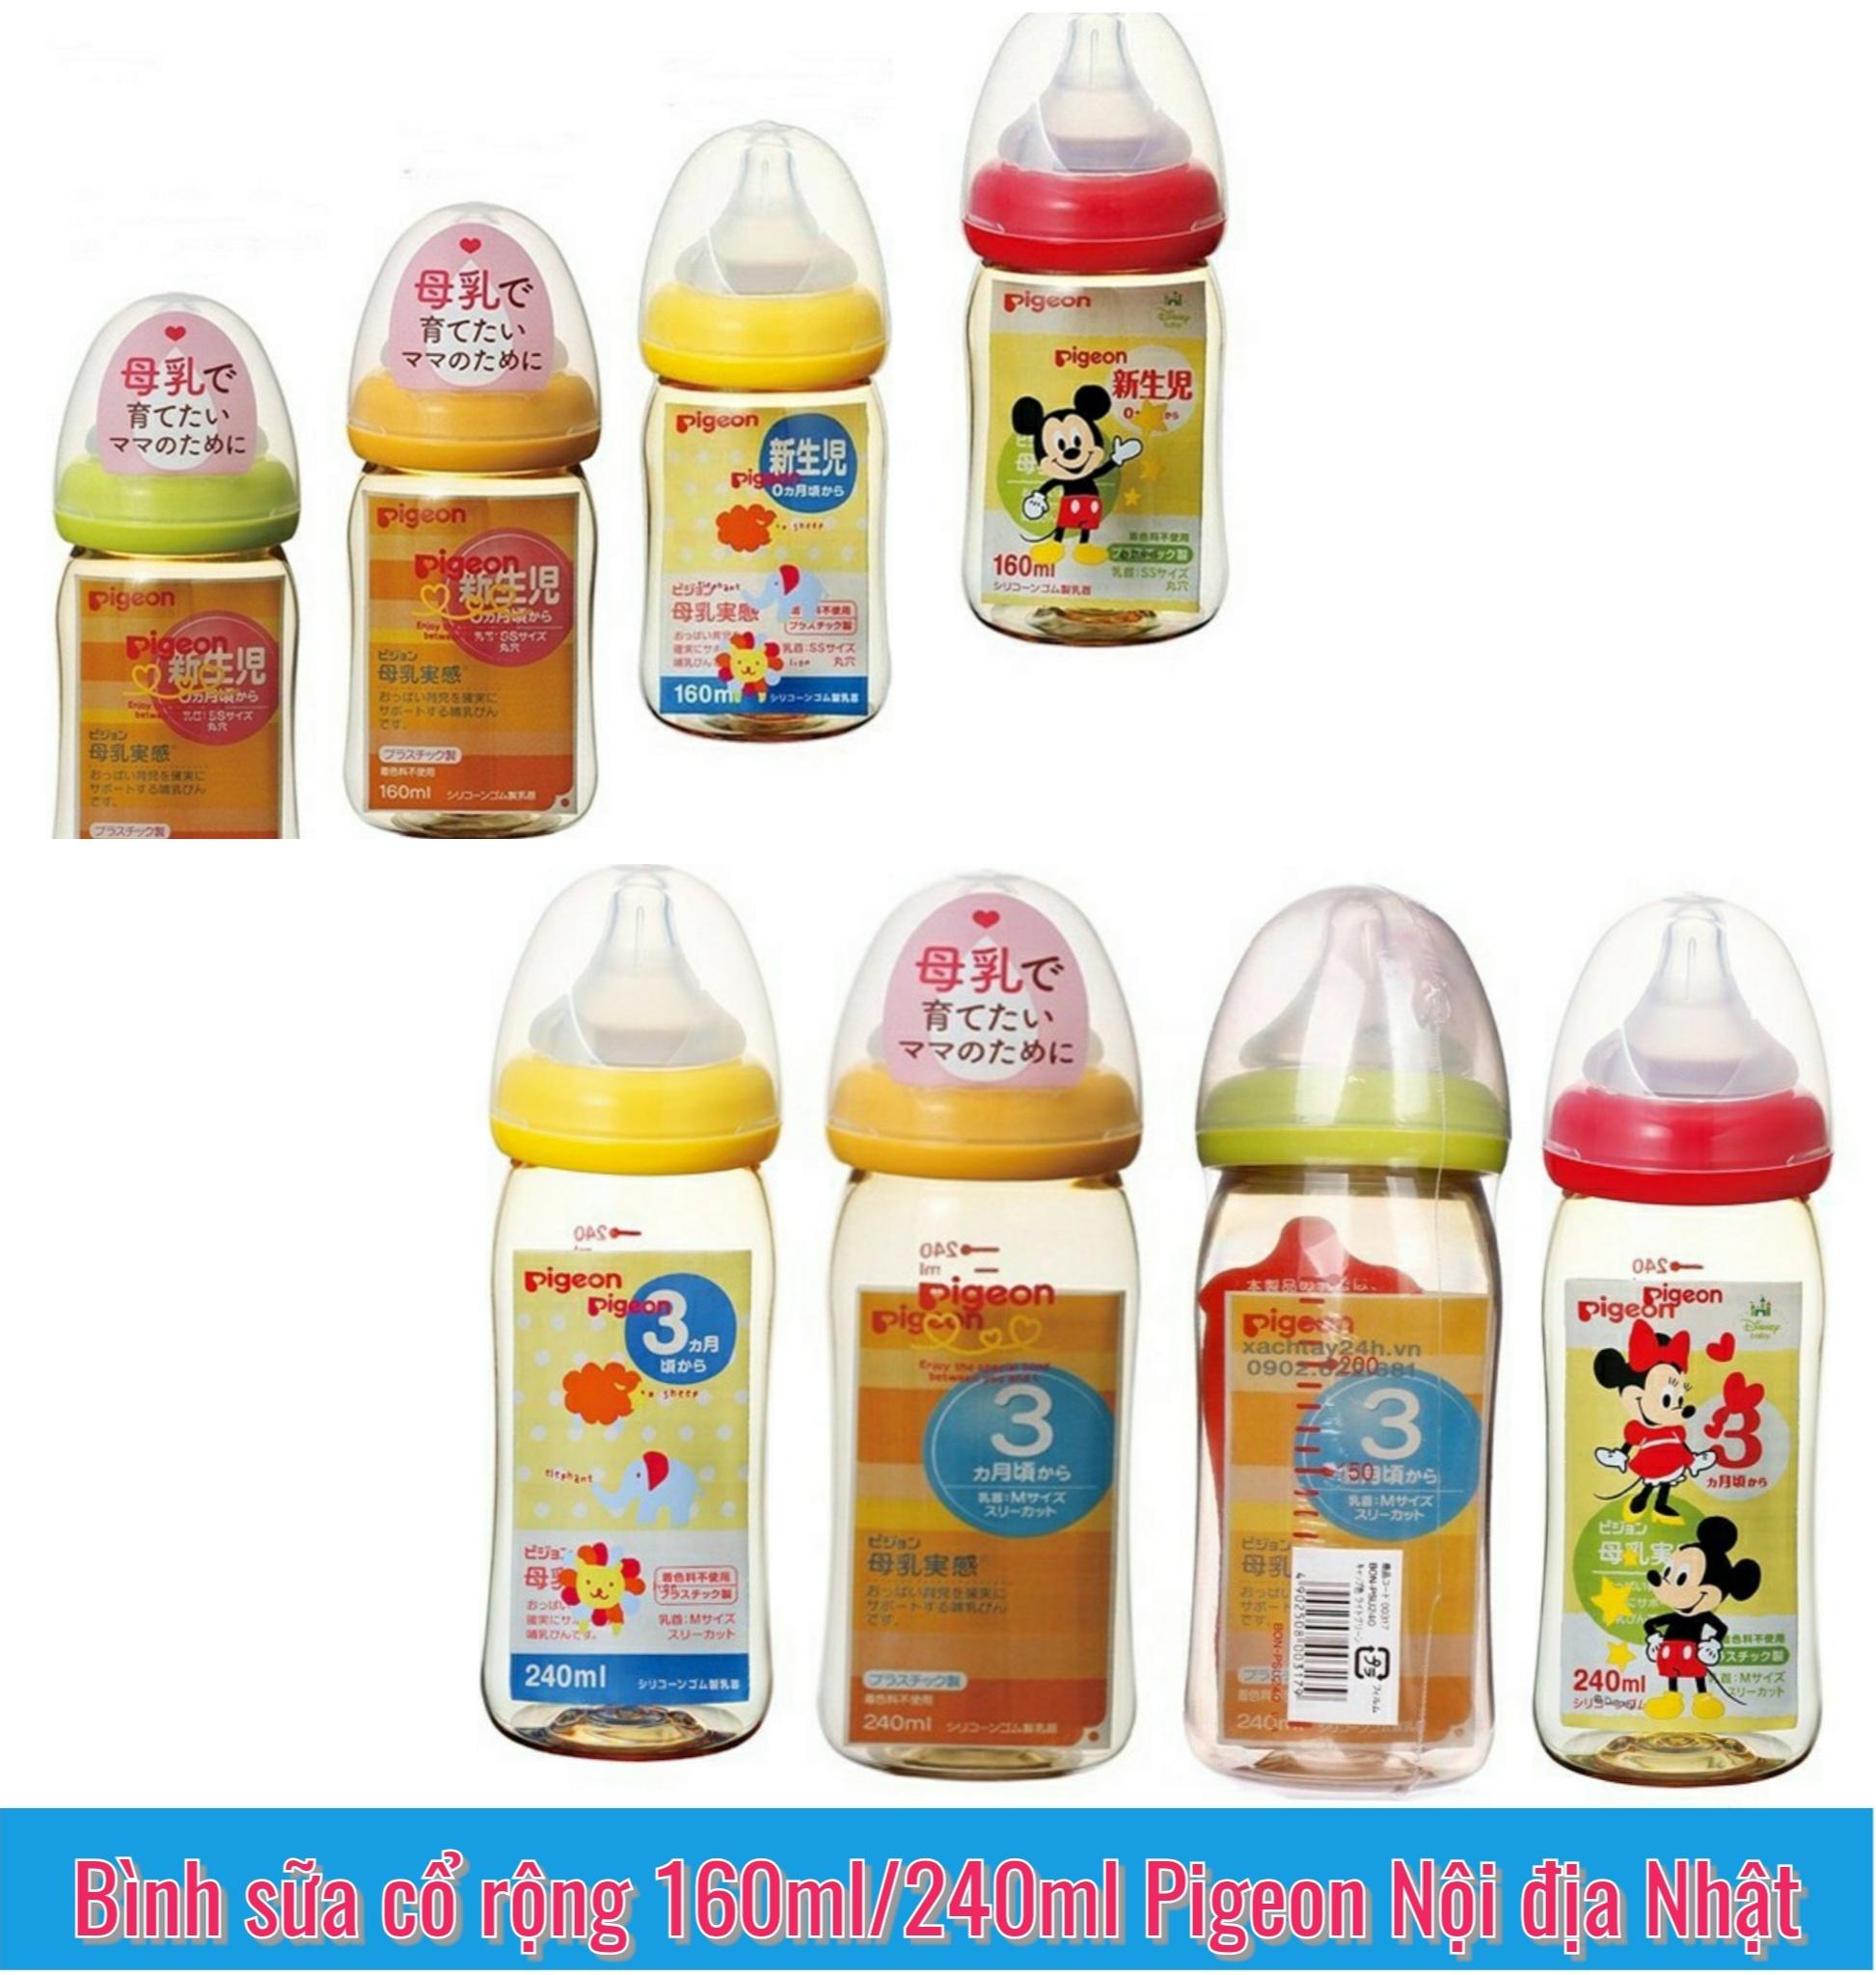 Bình sữa cổ rộng 160ml/240ml Pigeon Nội địa Nhật